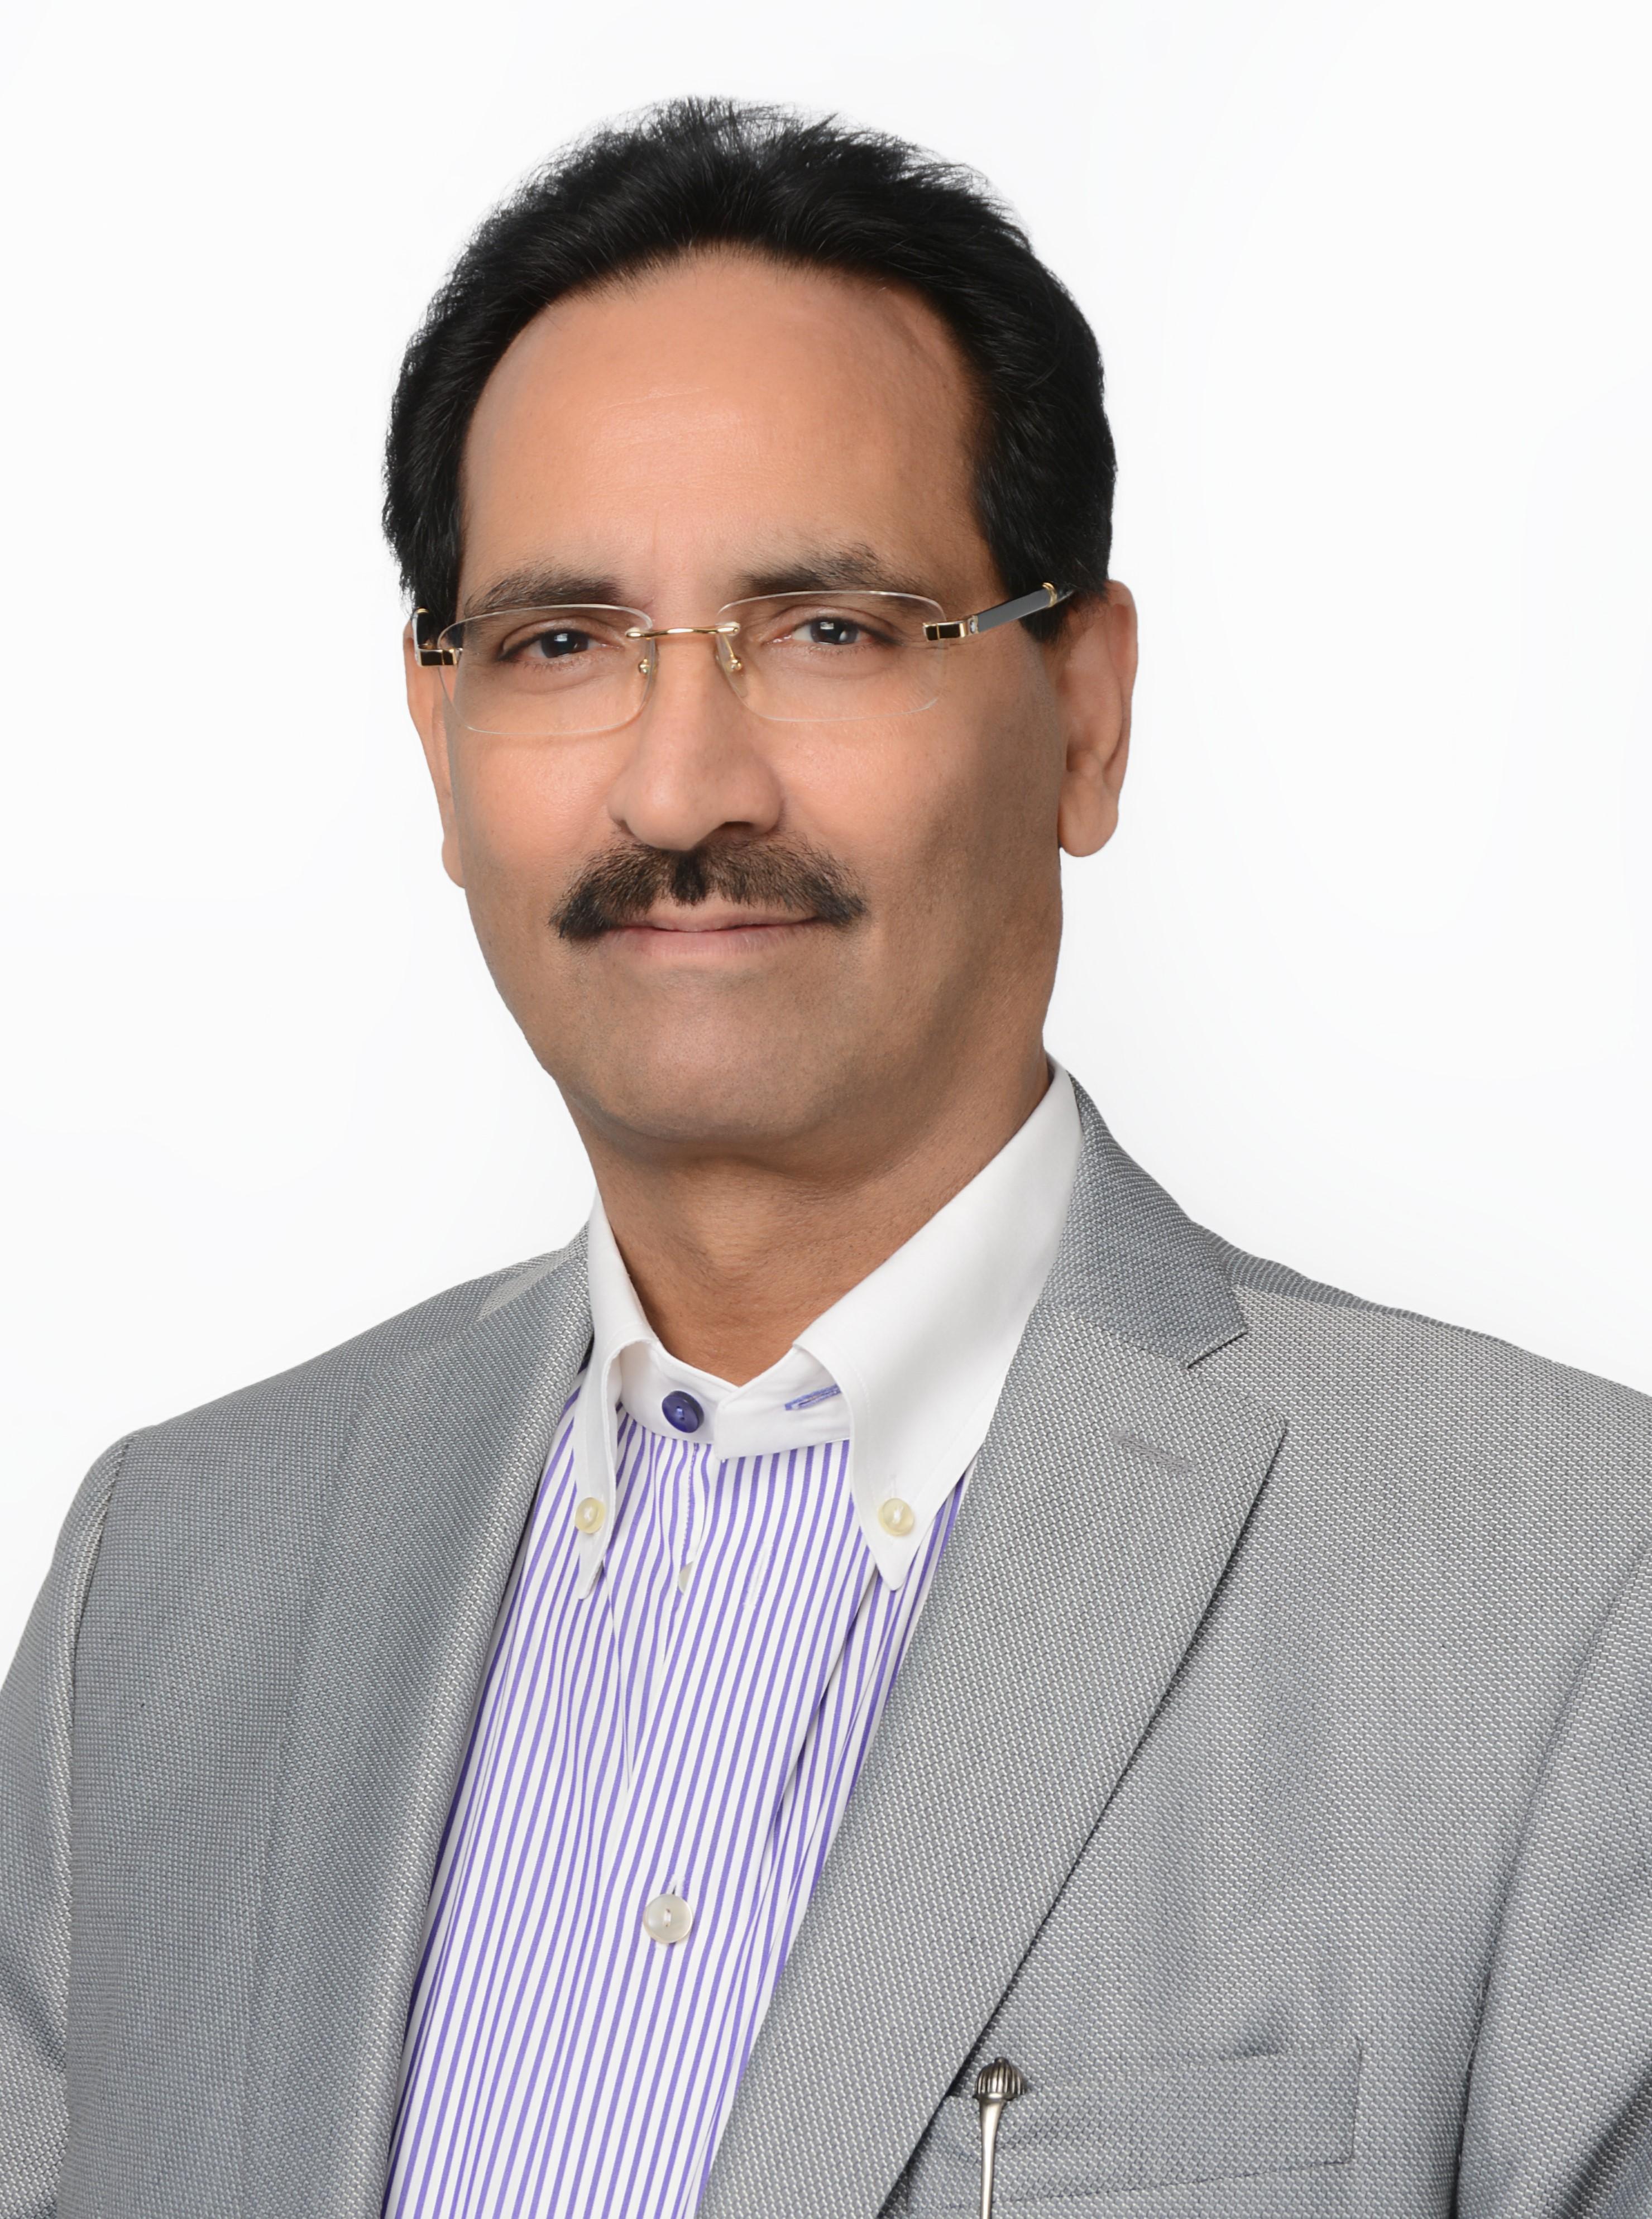 Bharat Mathur